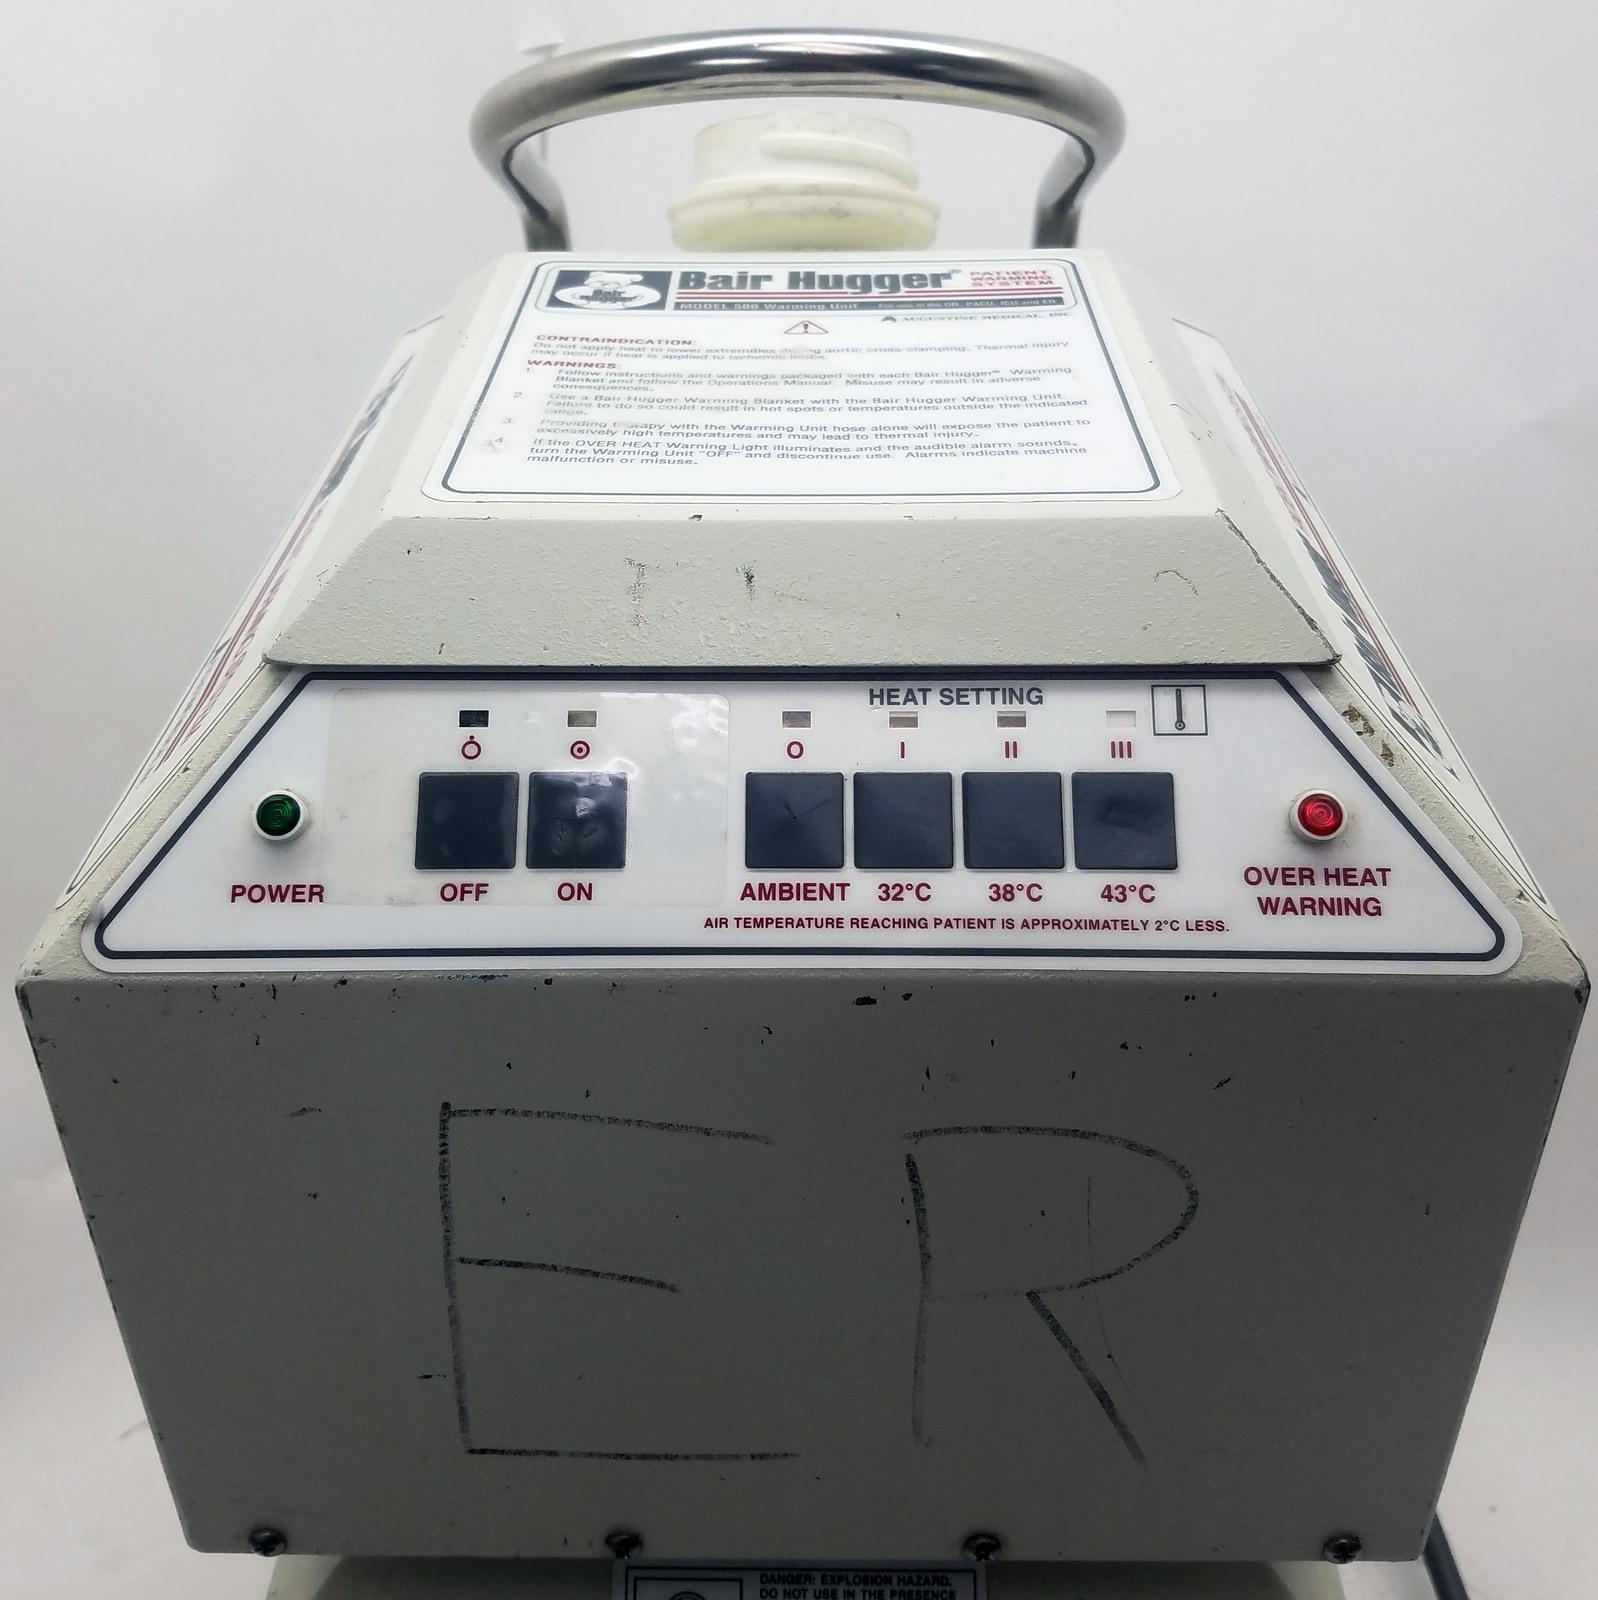 Bair Hugger Model 500 Patient Warming System Bin: 1